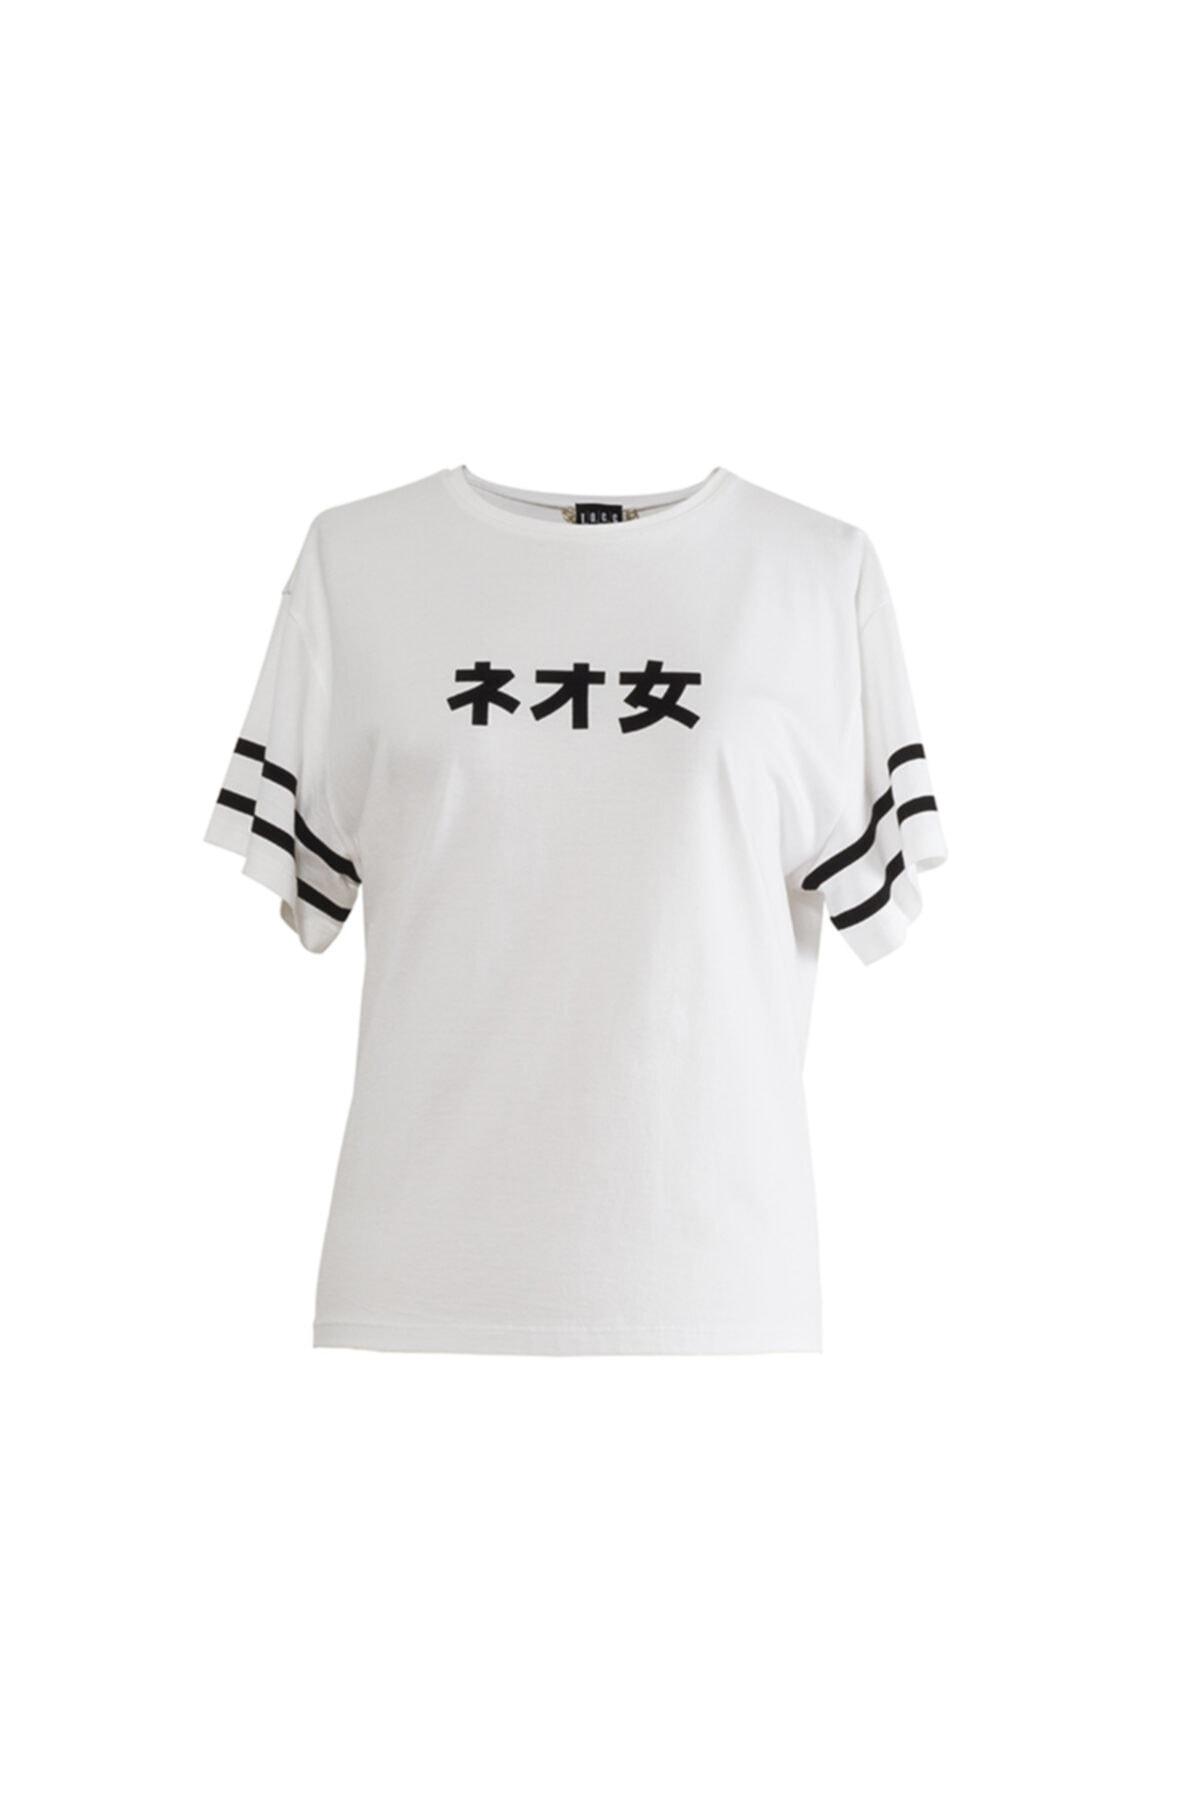 Tagg Kadın Neo-woman Tshirt 1